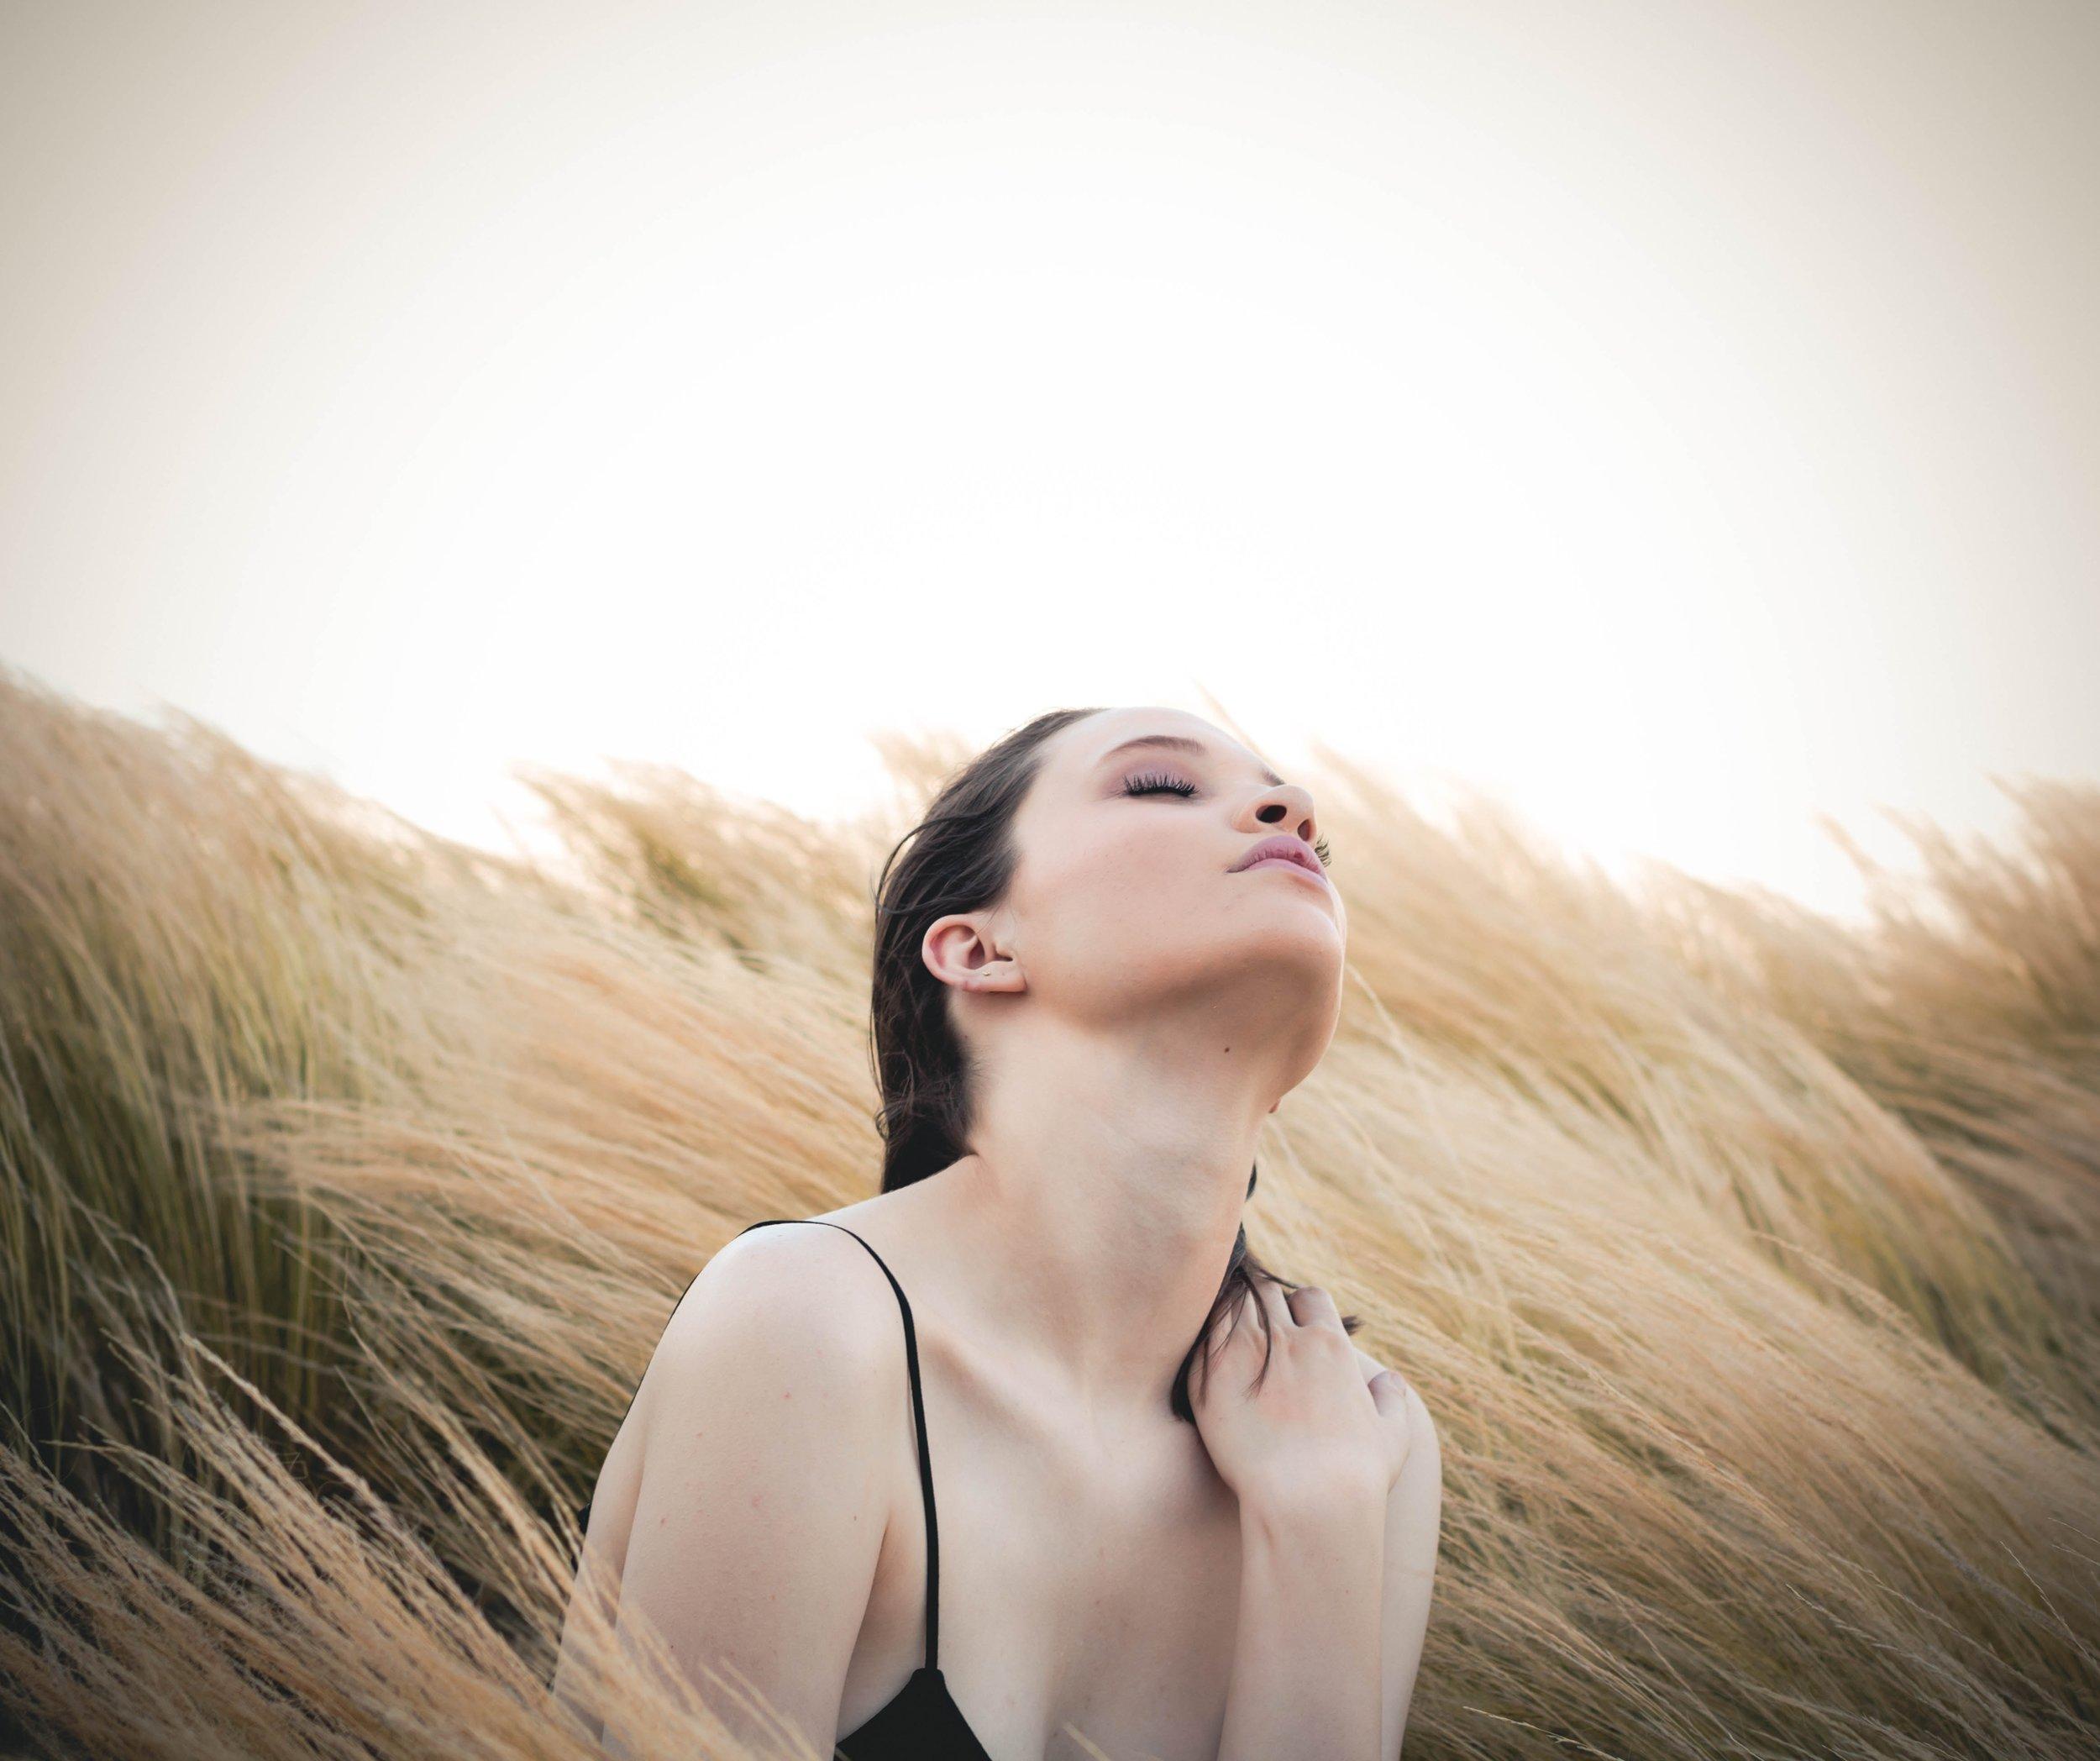 IN17 SKINCARE kemialliset kuorinnat - IN17 Deep Effect ihonhoitosarjan kemialliset kuorinnat ovat tehokas ja turvallinen hoitomuoto, joka parantaa ihon laatua. Kemiallisen kuorinnan aikaansaama hallittu ihovaurio ihon pintakerroksessa saa aikaan ihon tehokkaan uusiutumisen. Ihosta tulee sileämpi ja heleämpi.KEMIALLINEN KUORINTA- kirkastaa ihon väriä, ihon sävy paranee- tasoittaa juonteita ja ryppyjä- supistaa ihohuokosia- parantaa ihon kollageenin ja elastaanin tuotantoaIN17 Cinderella Peel sopii kaikille ihotyypeille. Kuorinta on maitohappopohjainen 15% liuos, joka sisältää myös kantasolu-uutetta ja allantoiinia. Hoito suositellaan tehtäväksi sarjahoitona x 3, kolmen viikon välein. Kuorinta toimii myös kertahoitona kirkastaen ihoa.IN17- CC Peel sopii erityisesti akne ja rosacea iholle. Kuorinta puhdistaa ja rauhoittaa ihoa. Sen sisältämä atselaiinihappo 15% vähentää tulehdusta ja bakteereja, kun taas salisyylihappo 1,6% syväpuhdistaa ja kuorii ihoa. Suositellaan tehtäväksi sarjahoitona x 3, yhden viikon välein.Hoidon jälkeen iholle levitetään hyaluronohappoa ja kantasolu-uutetta sisältävä IN17 Deep Effect seerumi ja kosteusvoide. Kuorinnan jälkeen iho punoittaa ja saattaa hilseillä muutaman päivän ajan. Tarkemmat jälkihoito-ohjeet annetaan suullisesti ja kirjallisesti käynnin aikana. Kuorintaa ei tehdä raskaana oleville tai imettäville, tai mikäli ihossa on aktiivinen tulehdus. Sitä ei tehdä myöskään systeemisen aknelääkityksen aikana.